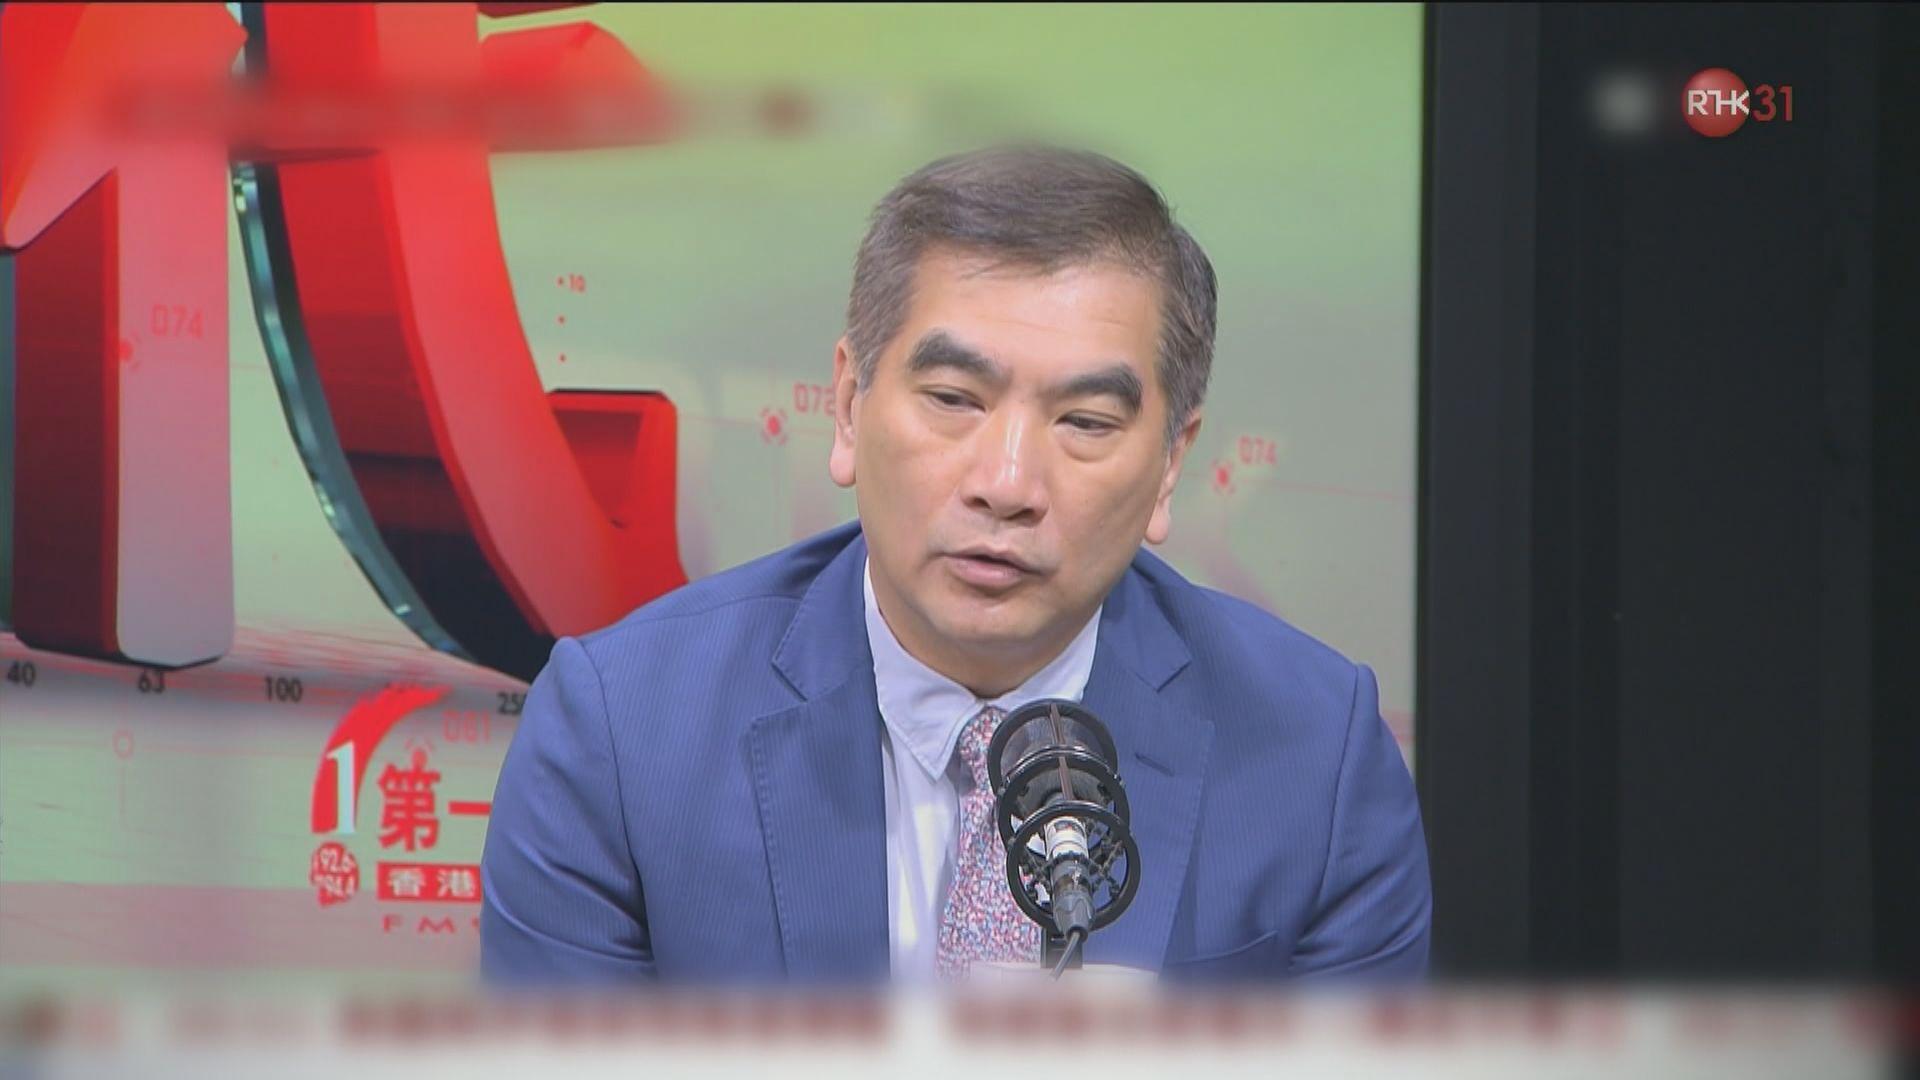 鍾國斌:政府拒絕參與三方協商合理